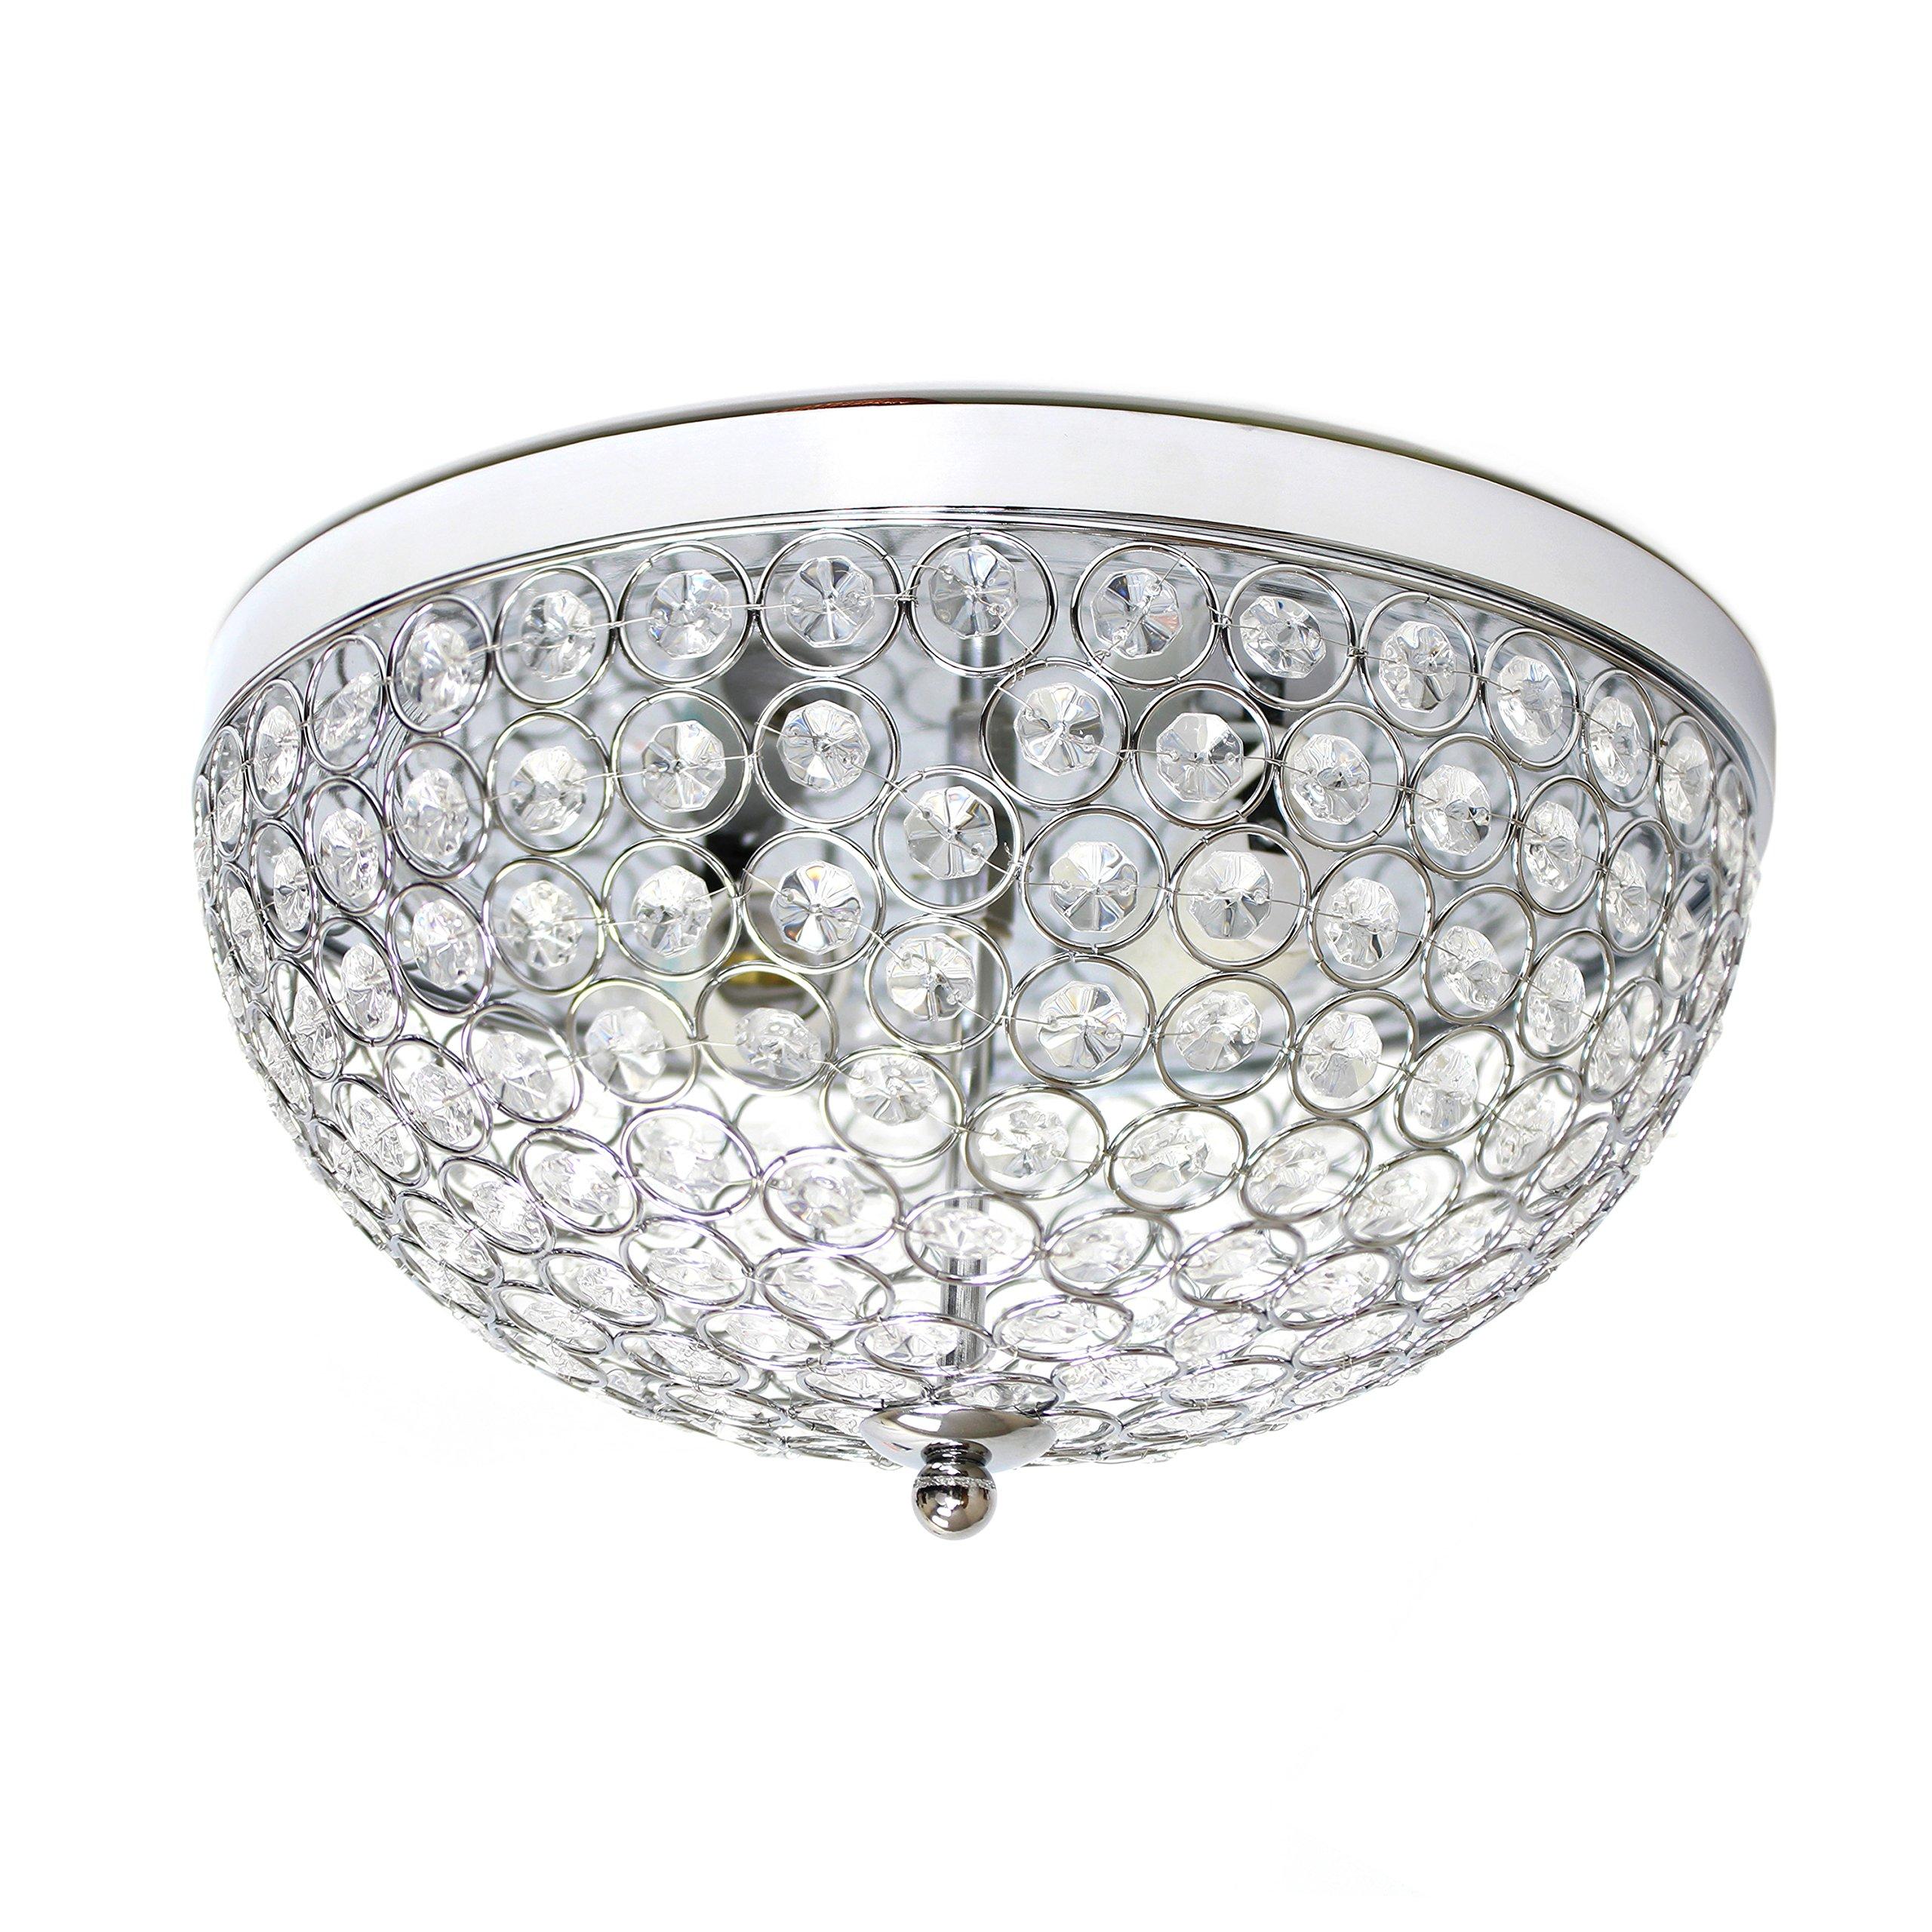 Elegant Designs FM1000-CHR Elipse Crystal 2 Light Ceiling Flush Mount, Chrome by Elegant Designs (Image #3)